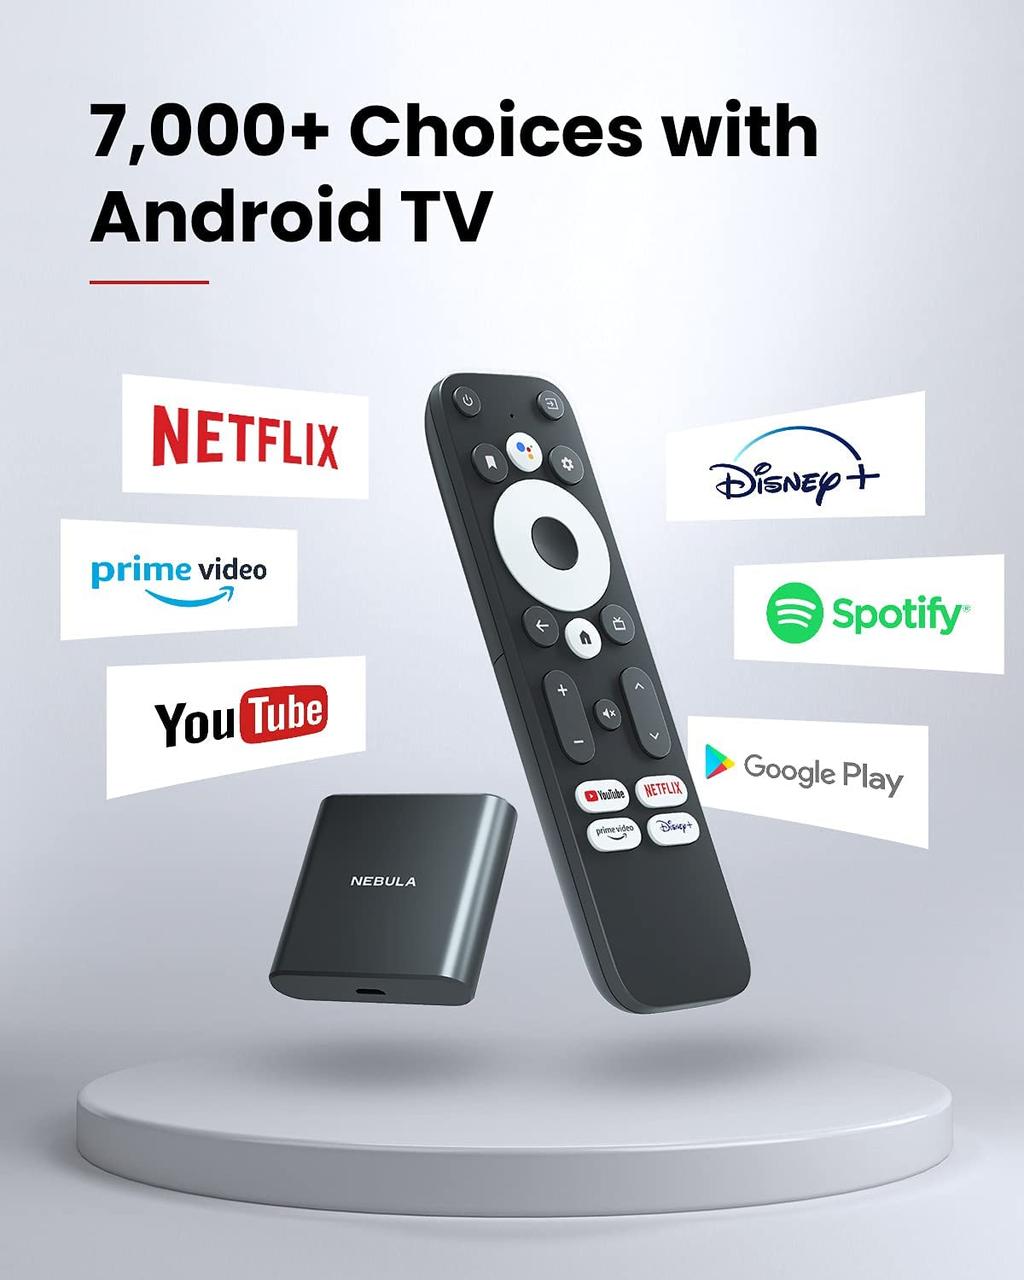 Anker lança dongle com Android TV para competir com Chromecast e Fire TV Stick - 3